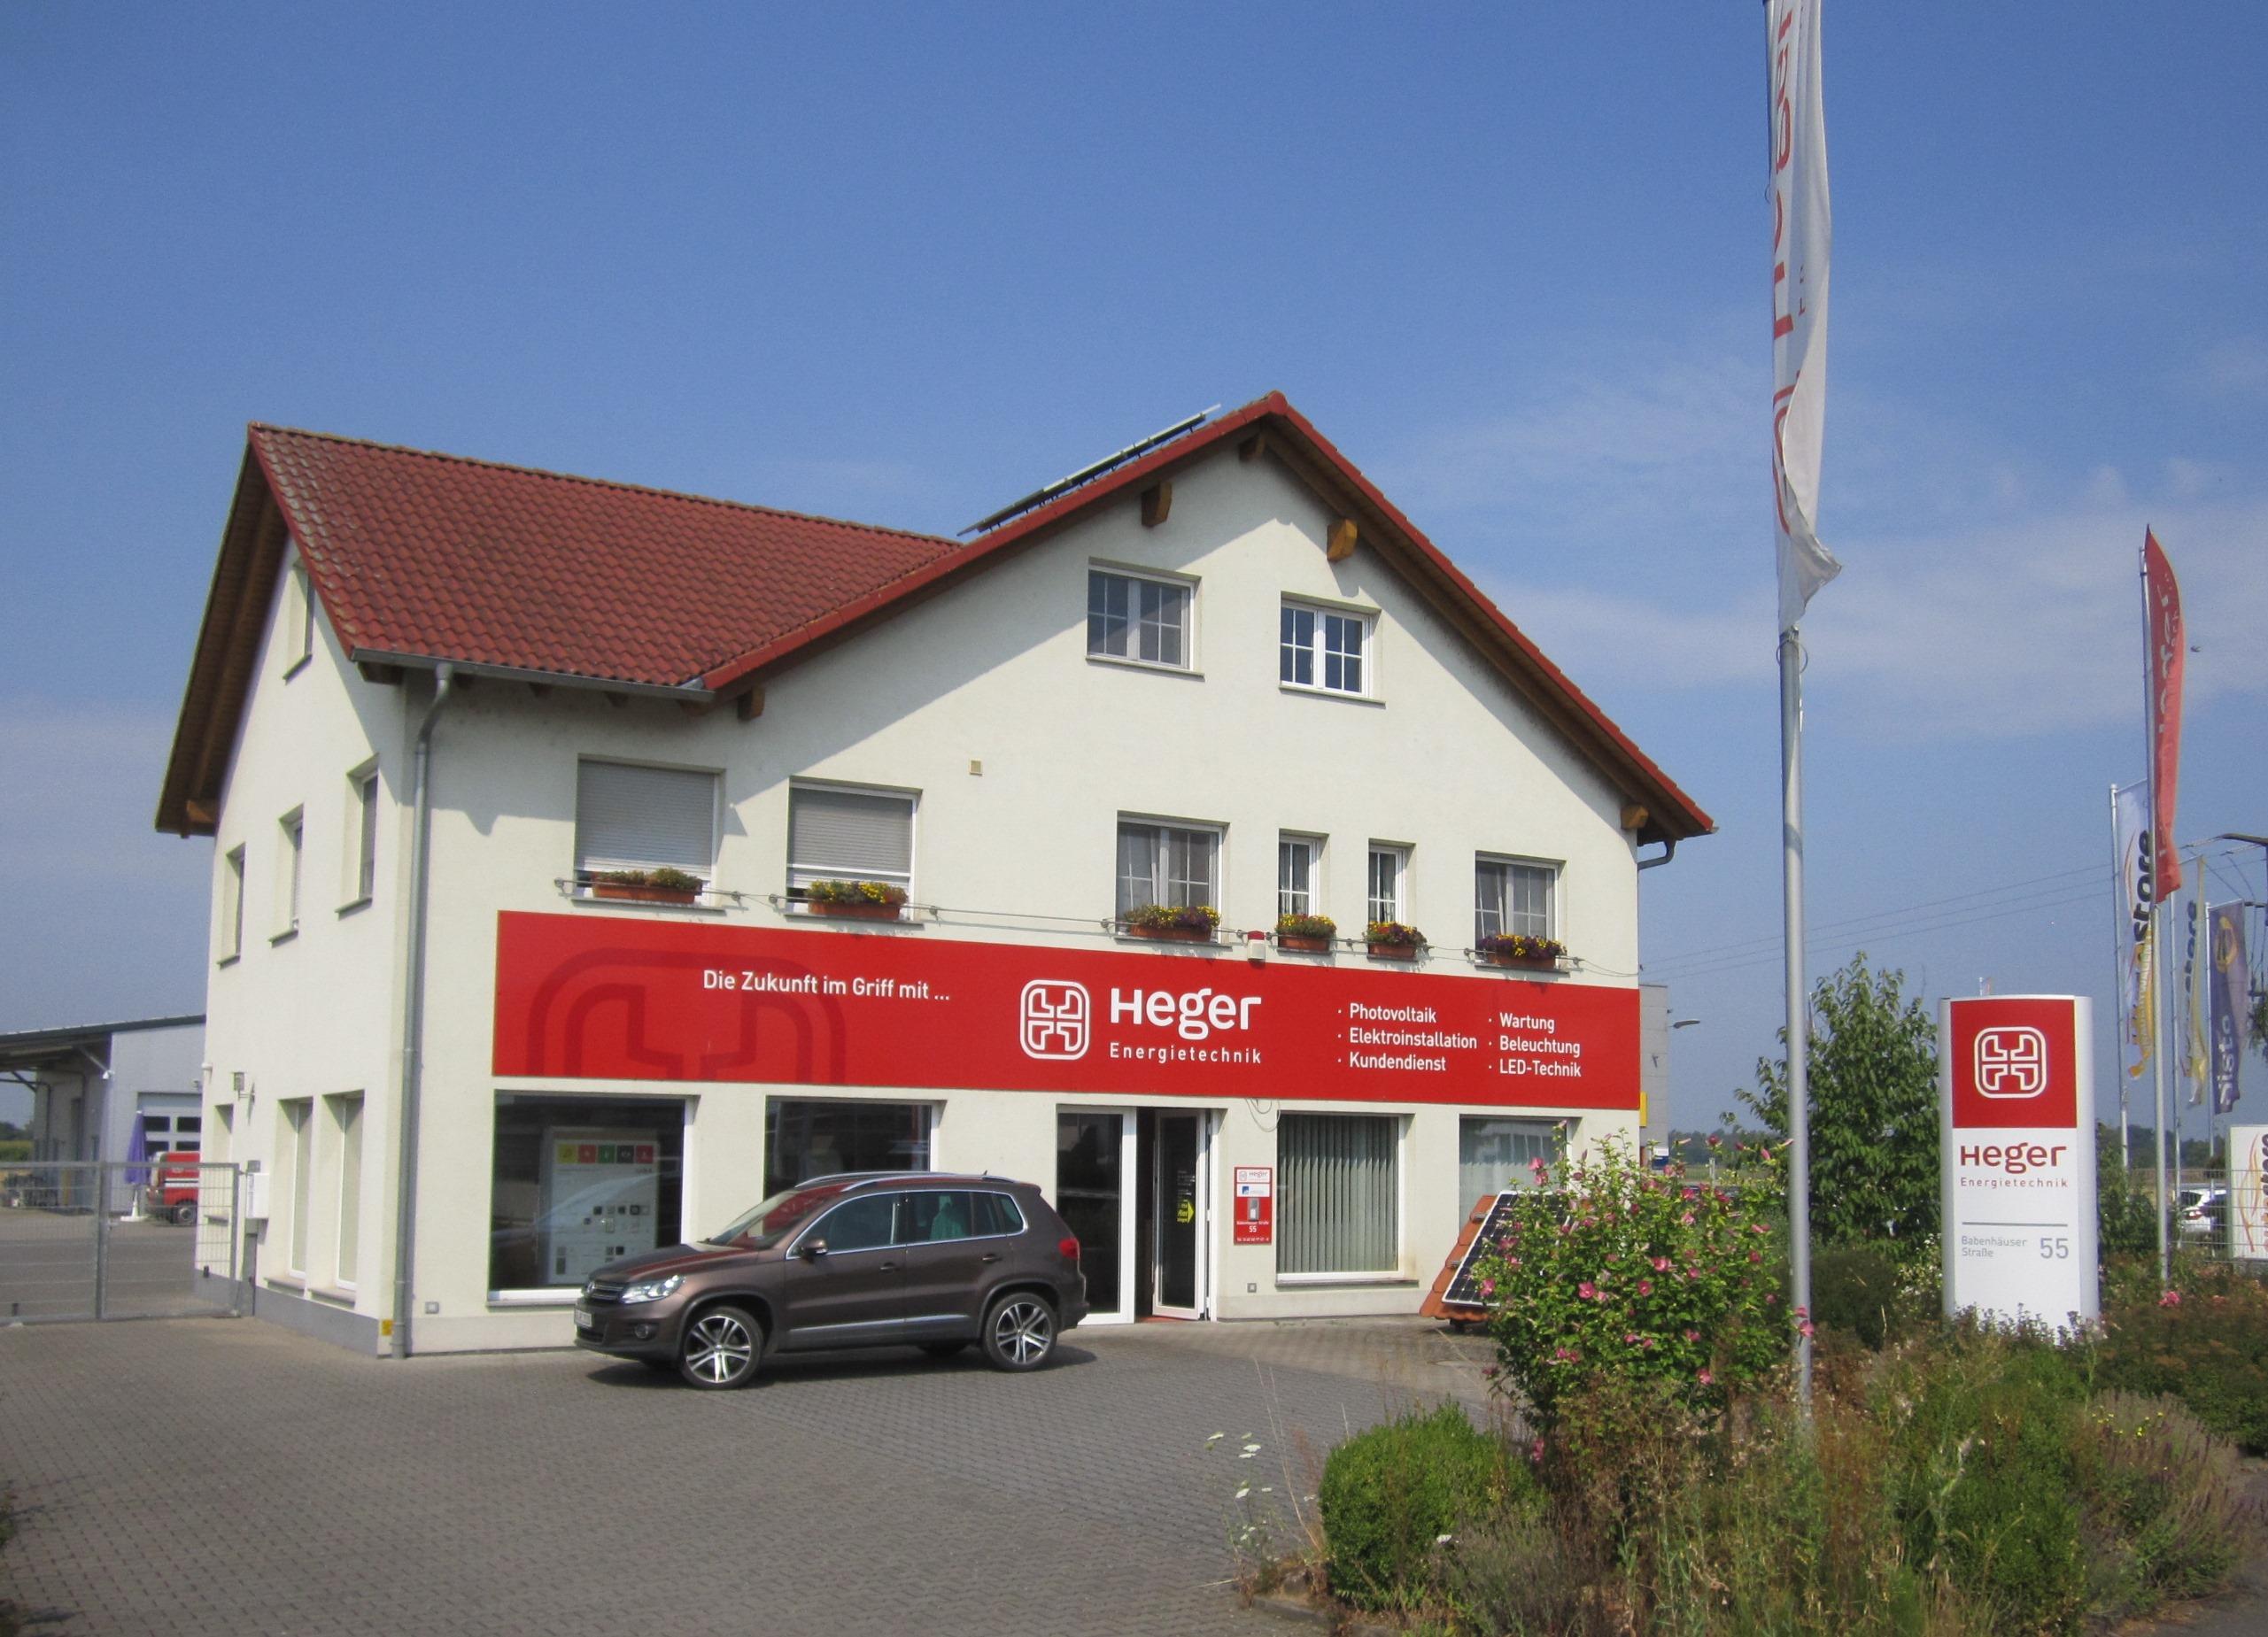 Heger Energietechnik Standort